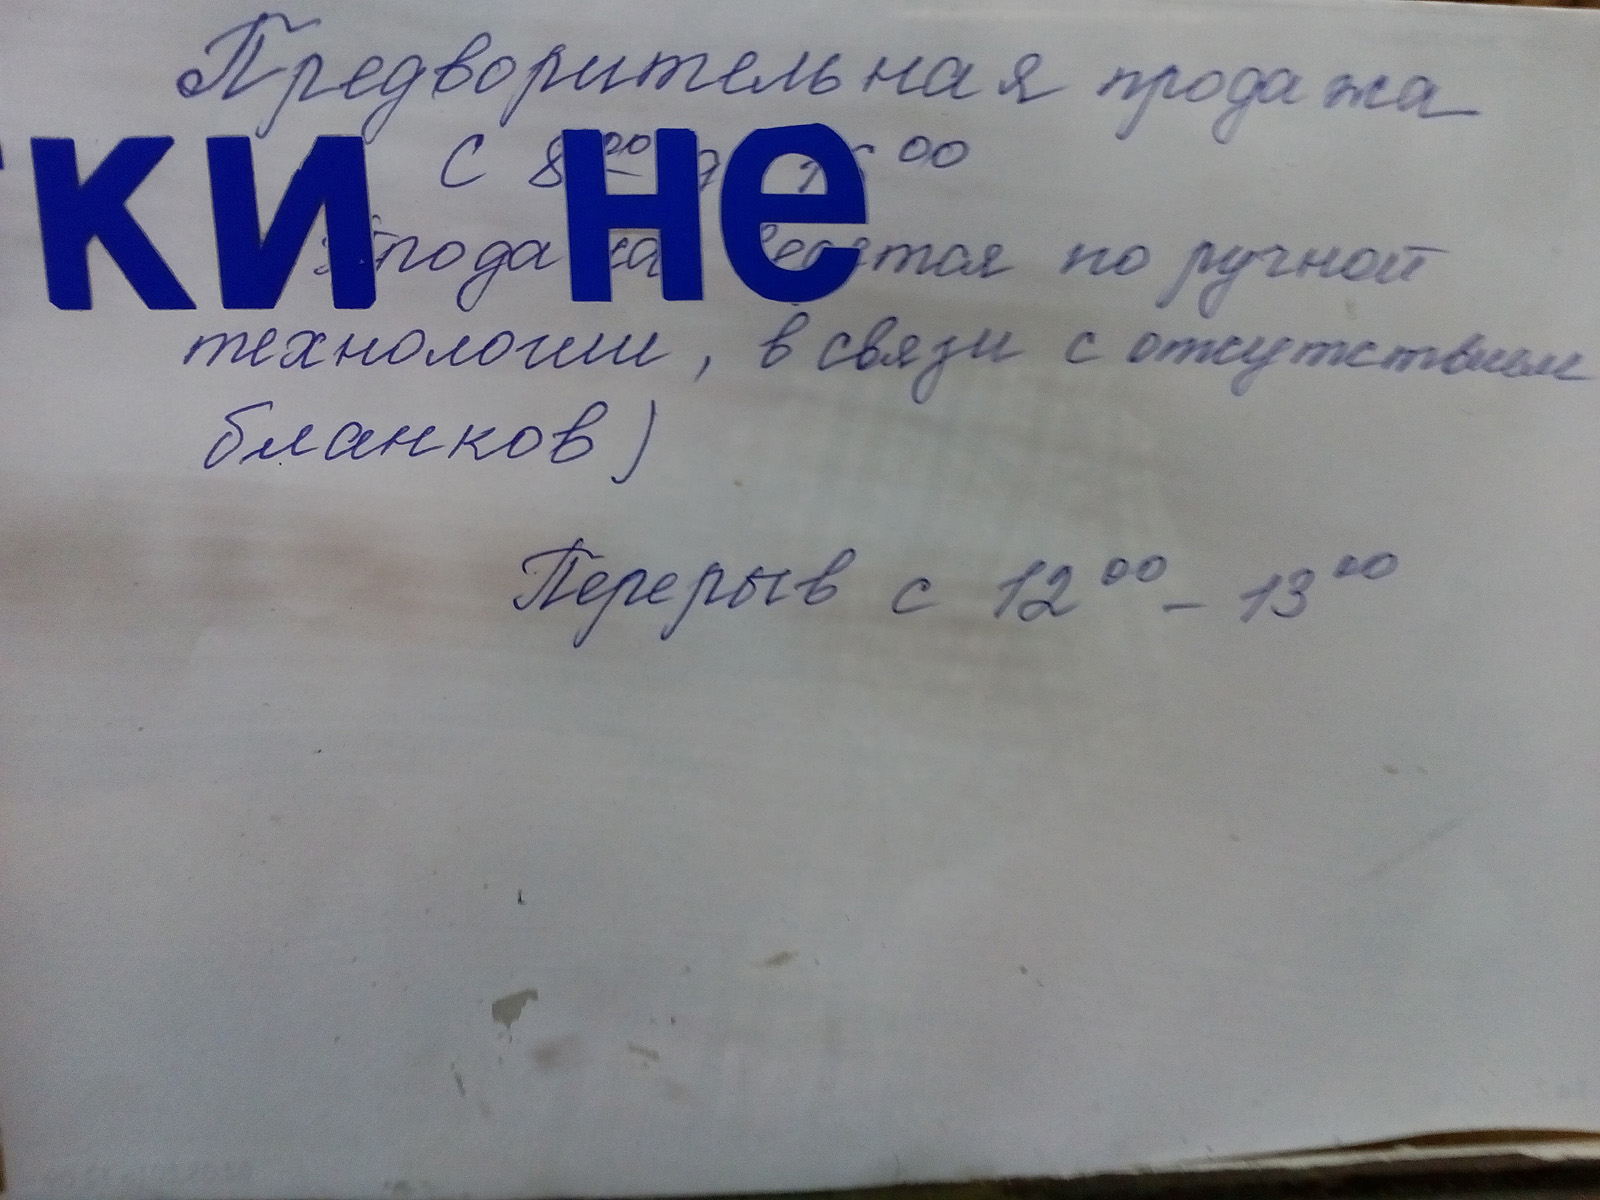 На станции «Рубежное» Донецкой железной дороги билеты не печатают, поскольку нет бланков. Отметьте мастерство формулировки: «по ручной технологии»! В XXI веке! Хендмейд!